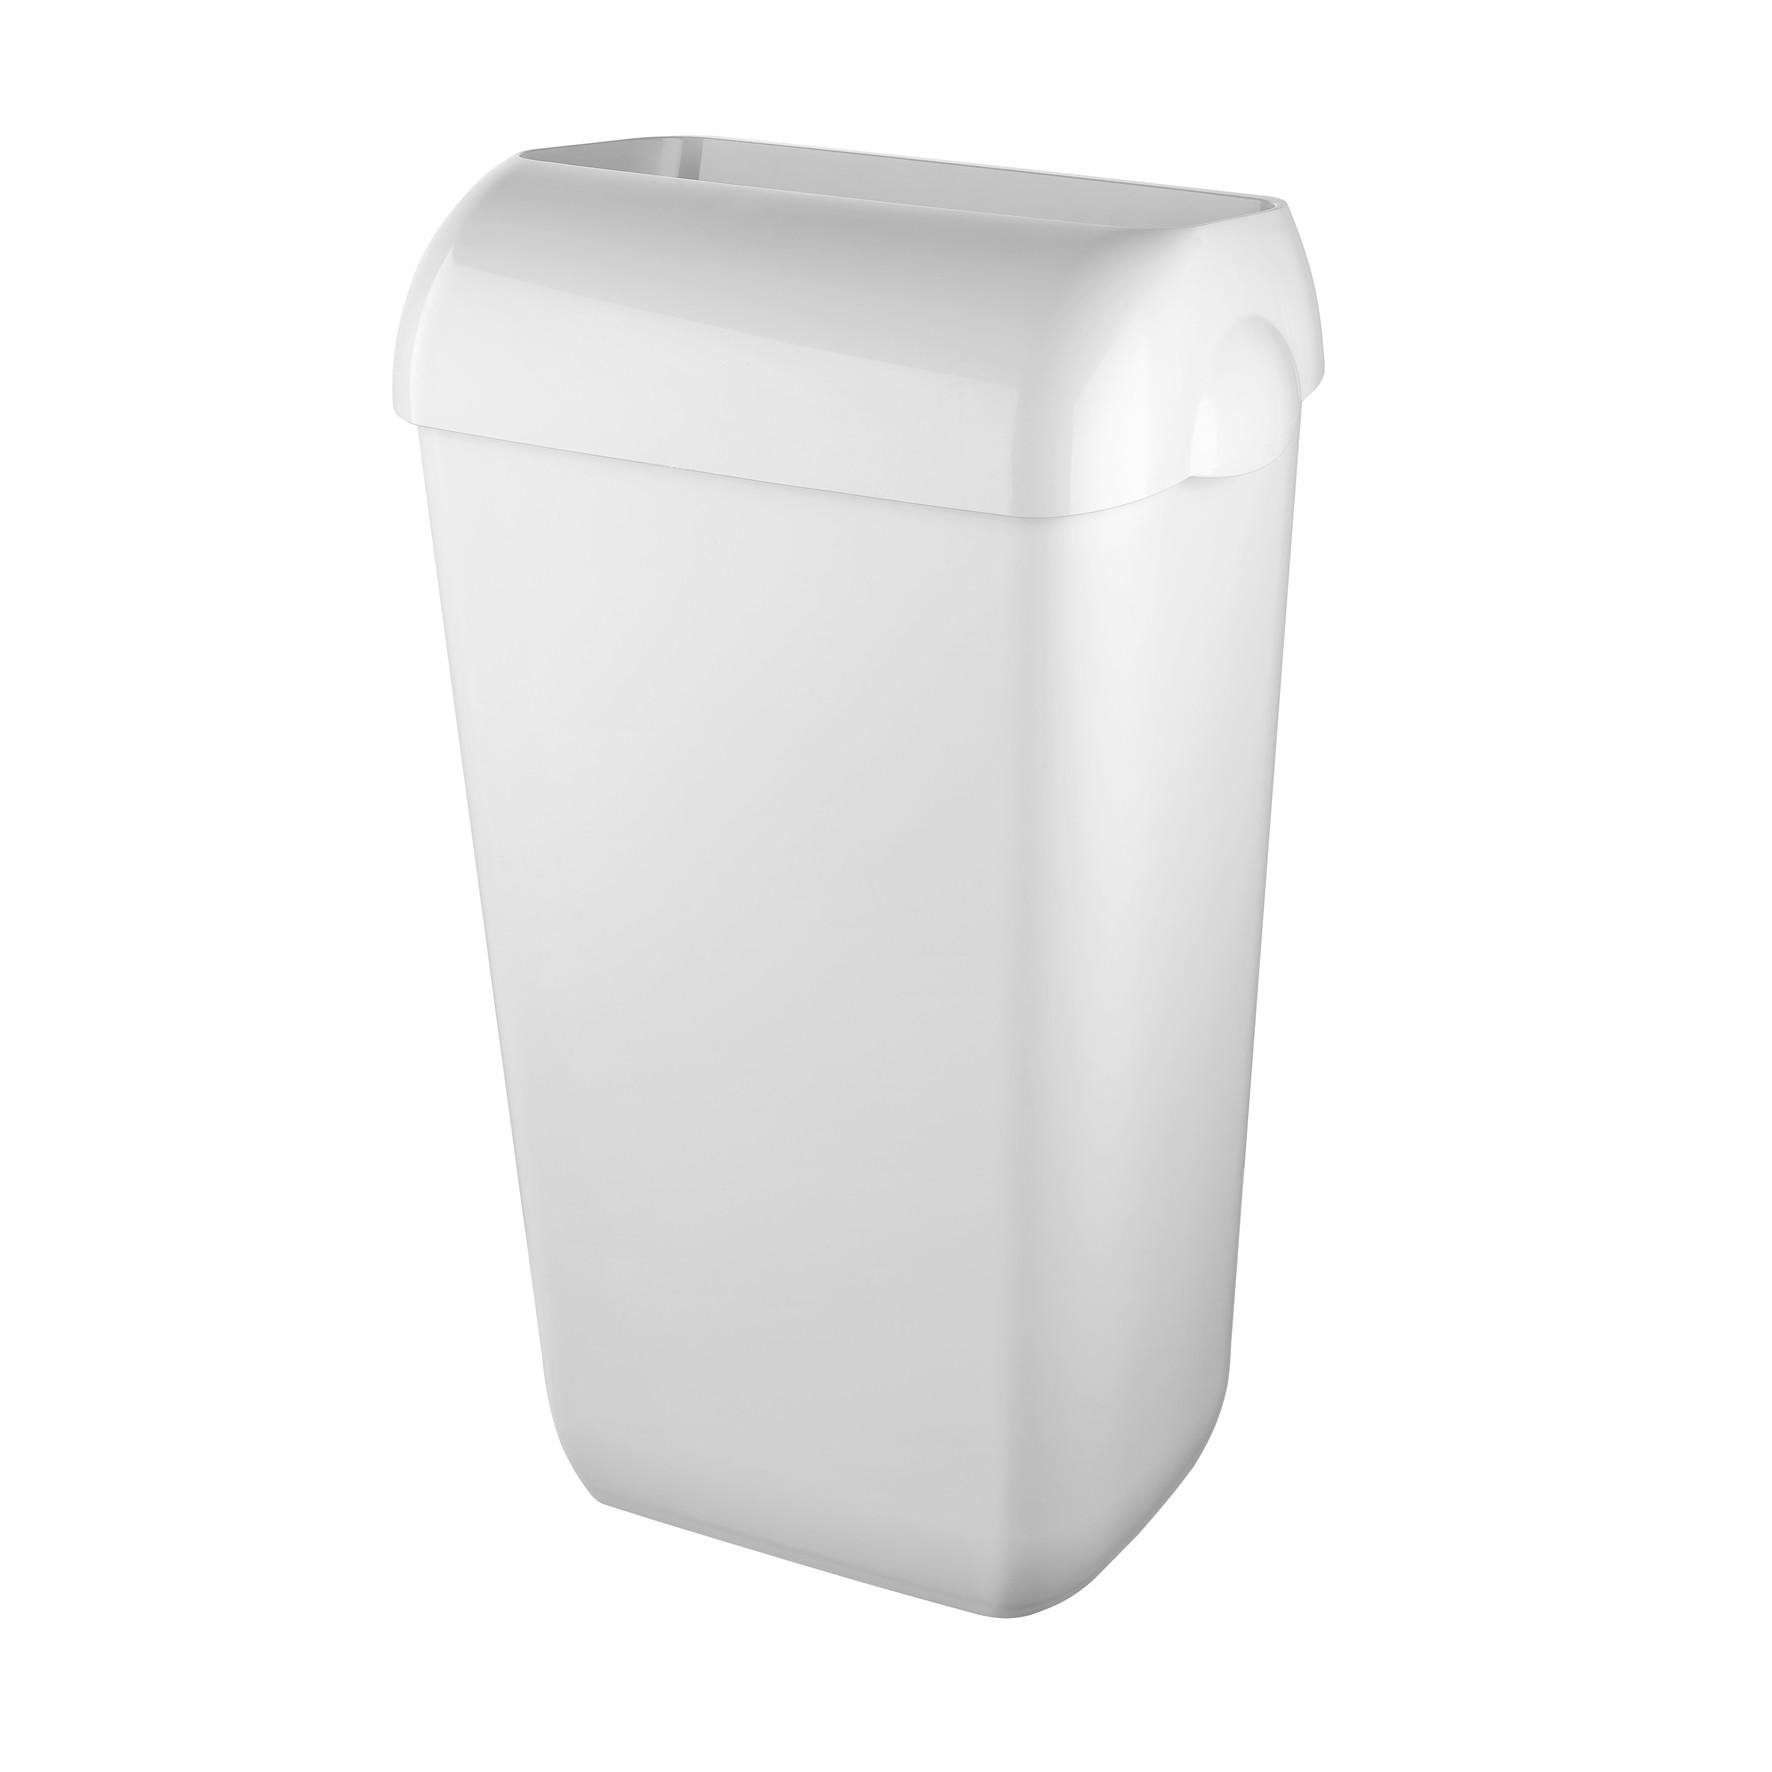 Prestige ABS kunststof afvalbak kleur: wit incl. wandbeugel en 'hidden' deksel, inhoud 23 liter